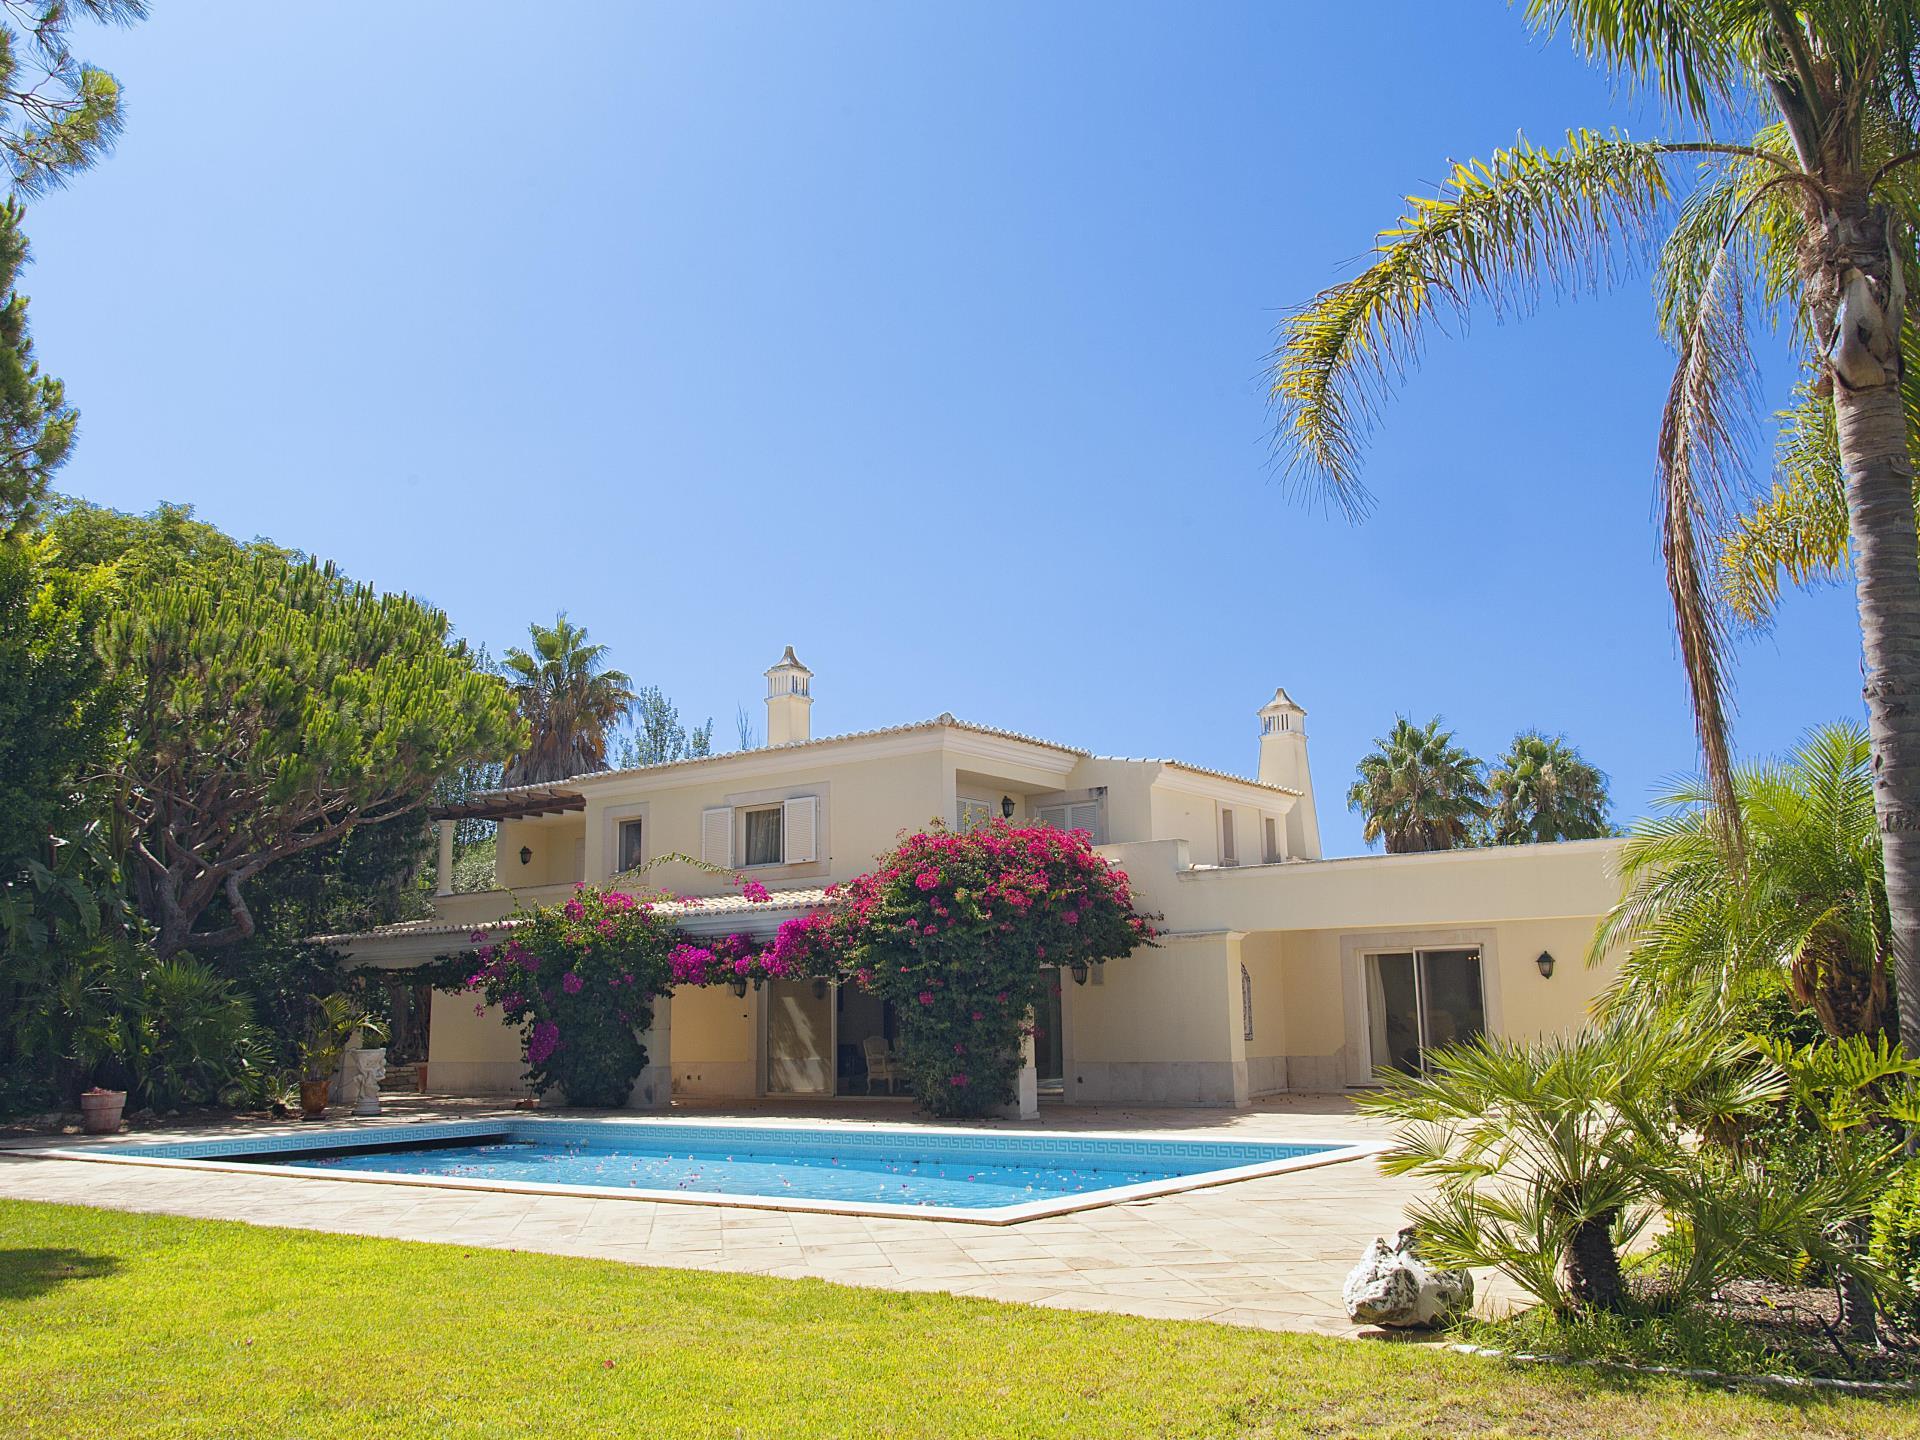 Einfamilienhaus für Verkauf beim Detached house, 6 bedrooms, for Sale Loule, Algarve Portugal